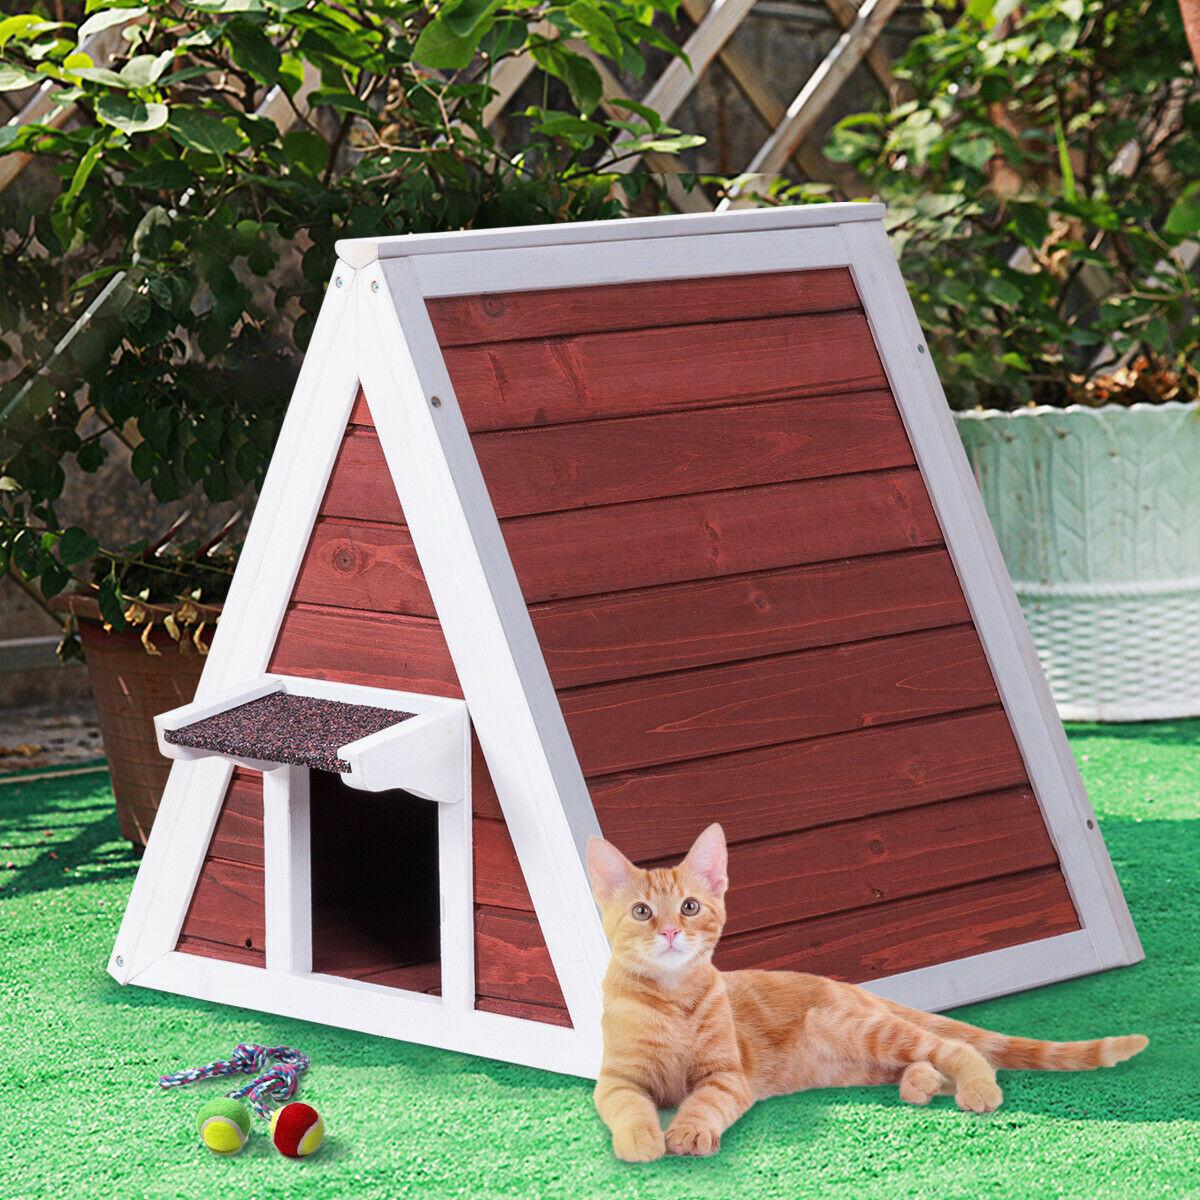 ✅ теплый домик для кошки своими руками: будка для кота - 1msk.su